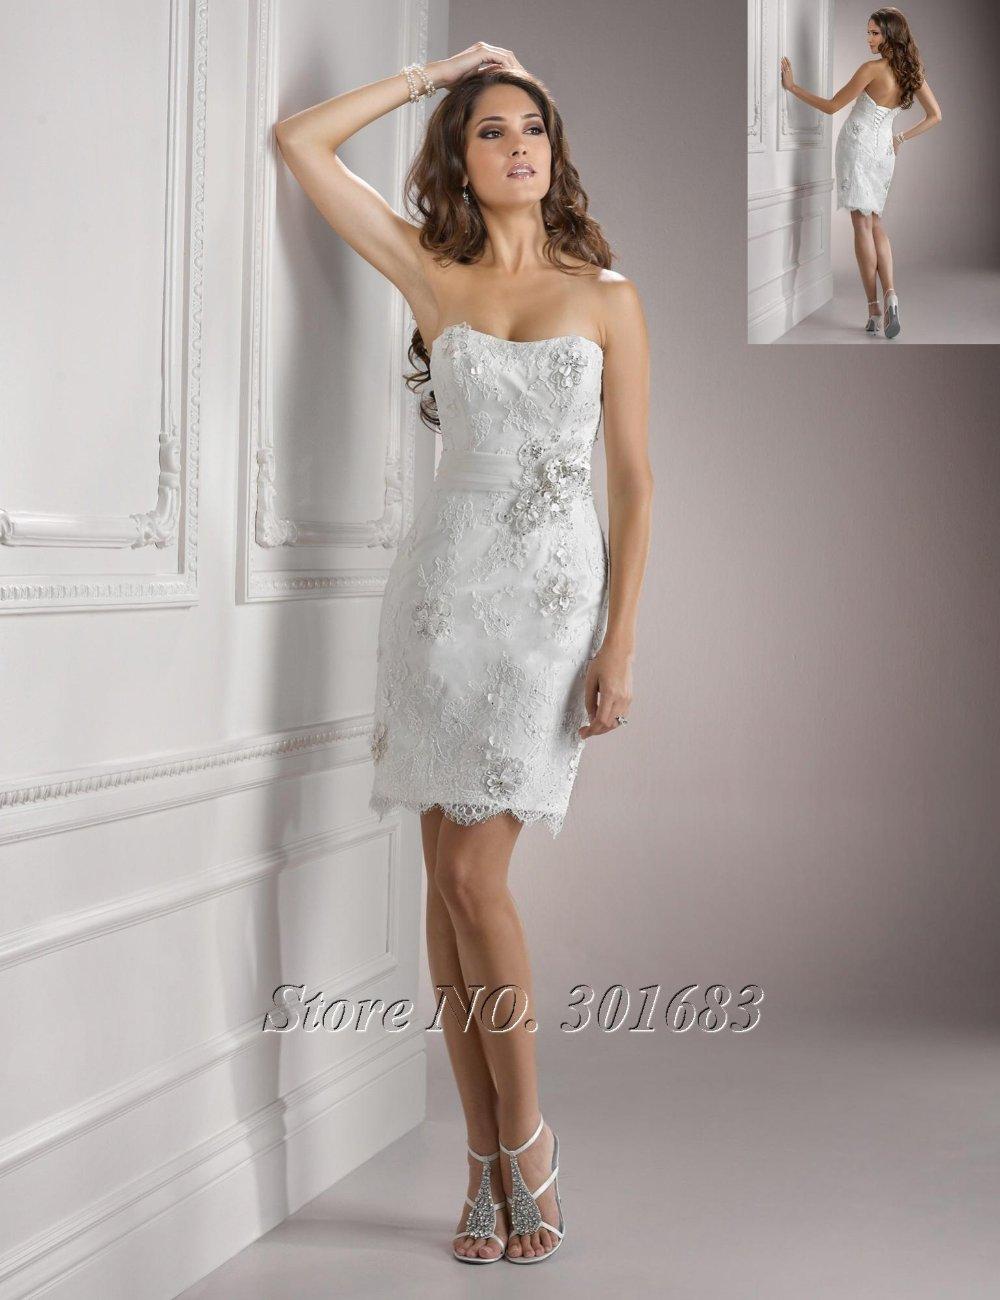 Short Wedding Dress Designers - Ocodea.com